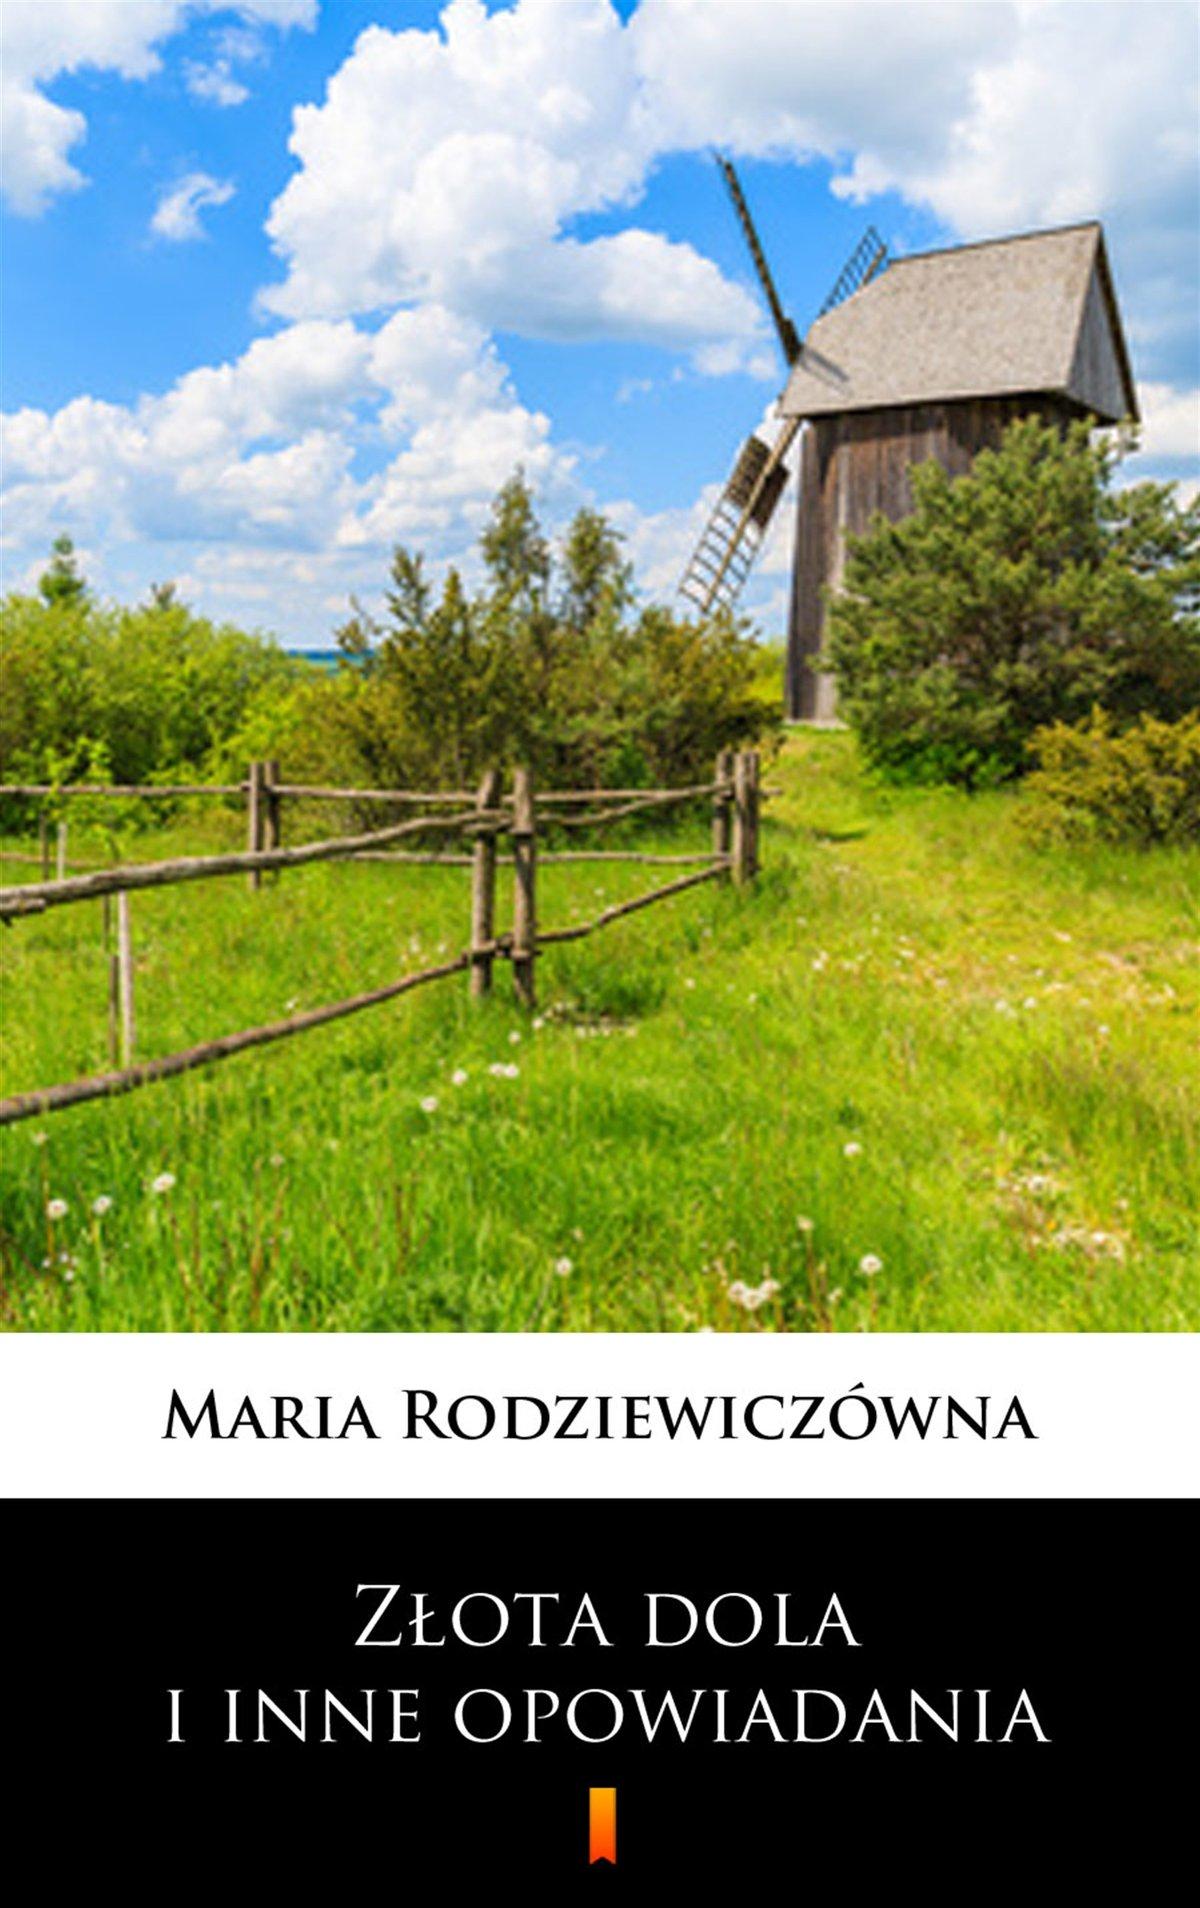 Złota dola i inne opowiadania - Ebook (Książka EPUB) do pobrania w formacie EPUB